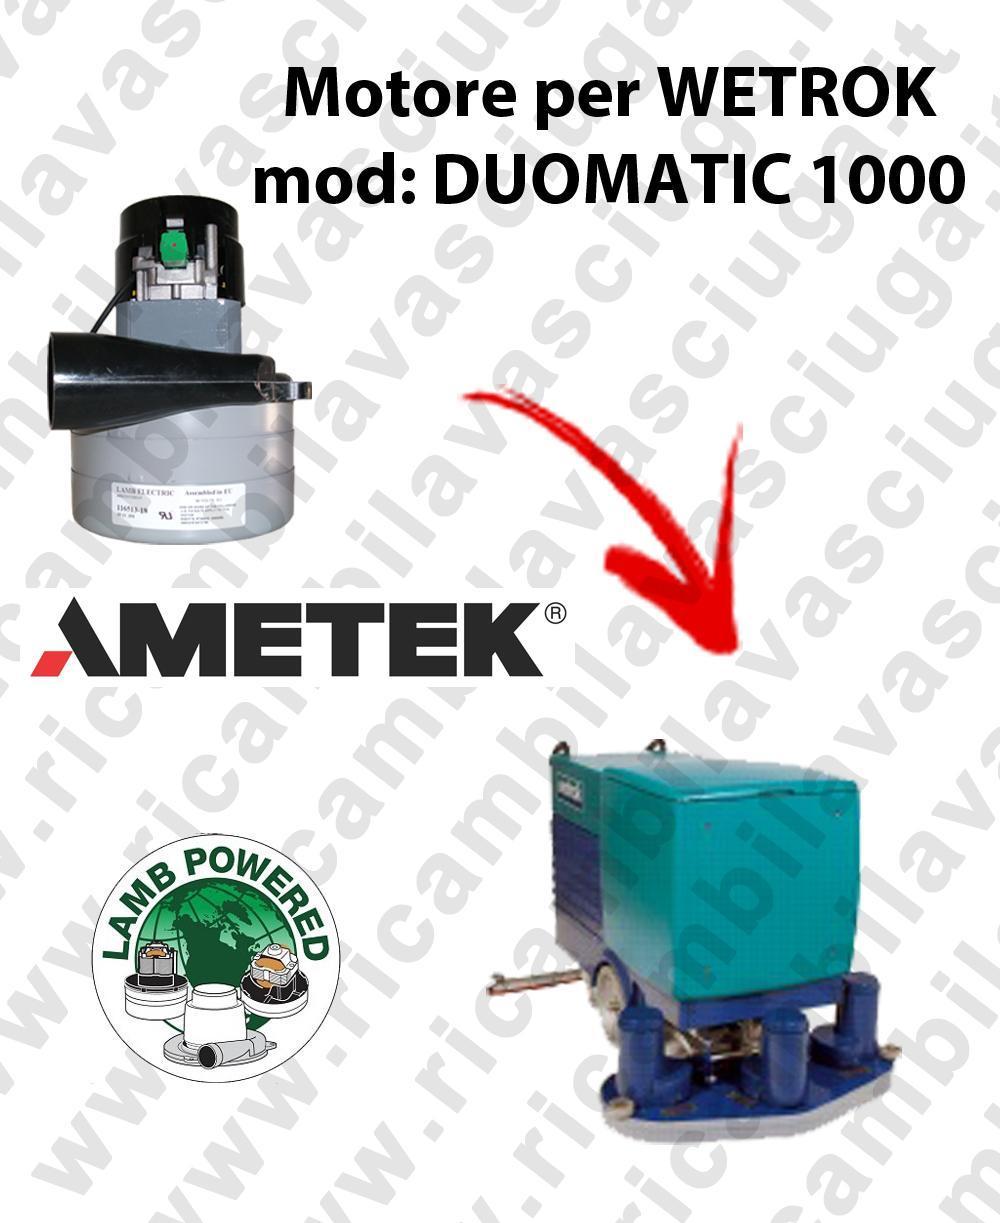 DUOMATIC 1000 Motore de aspiración LAMB AMETEK para fregadora WETROK